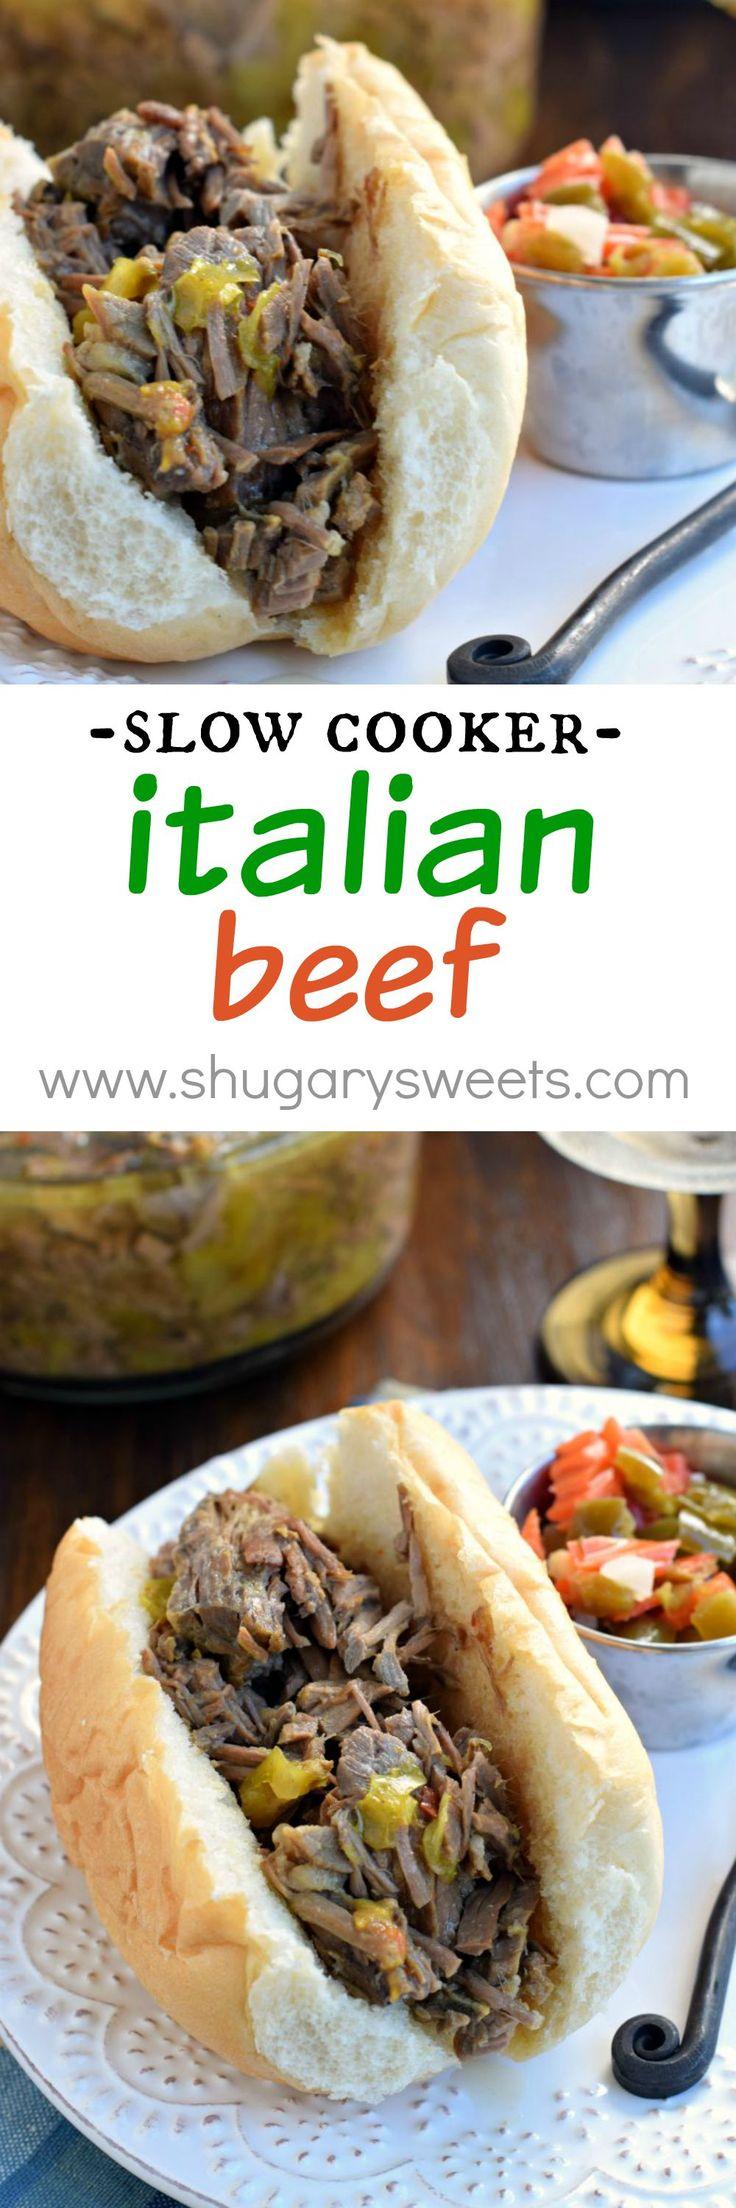 Slow Cooker Italian Beef - Shugary Sweets